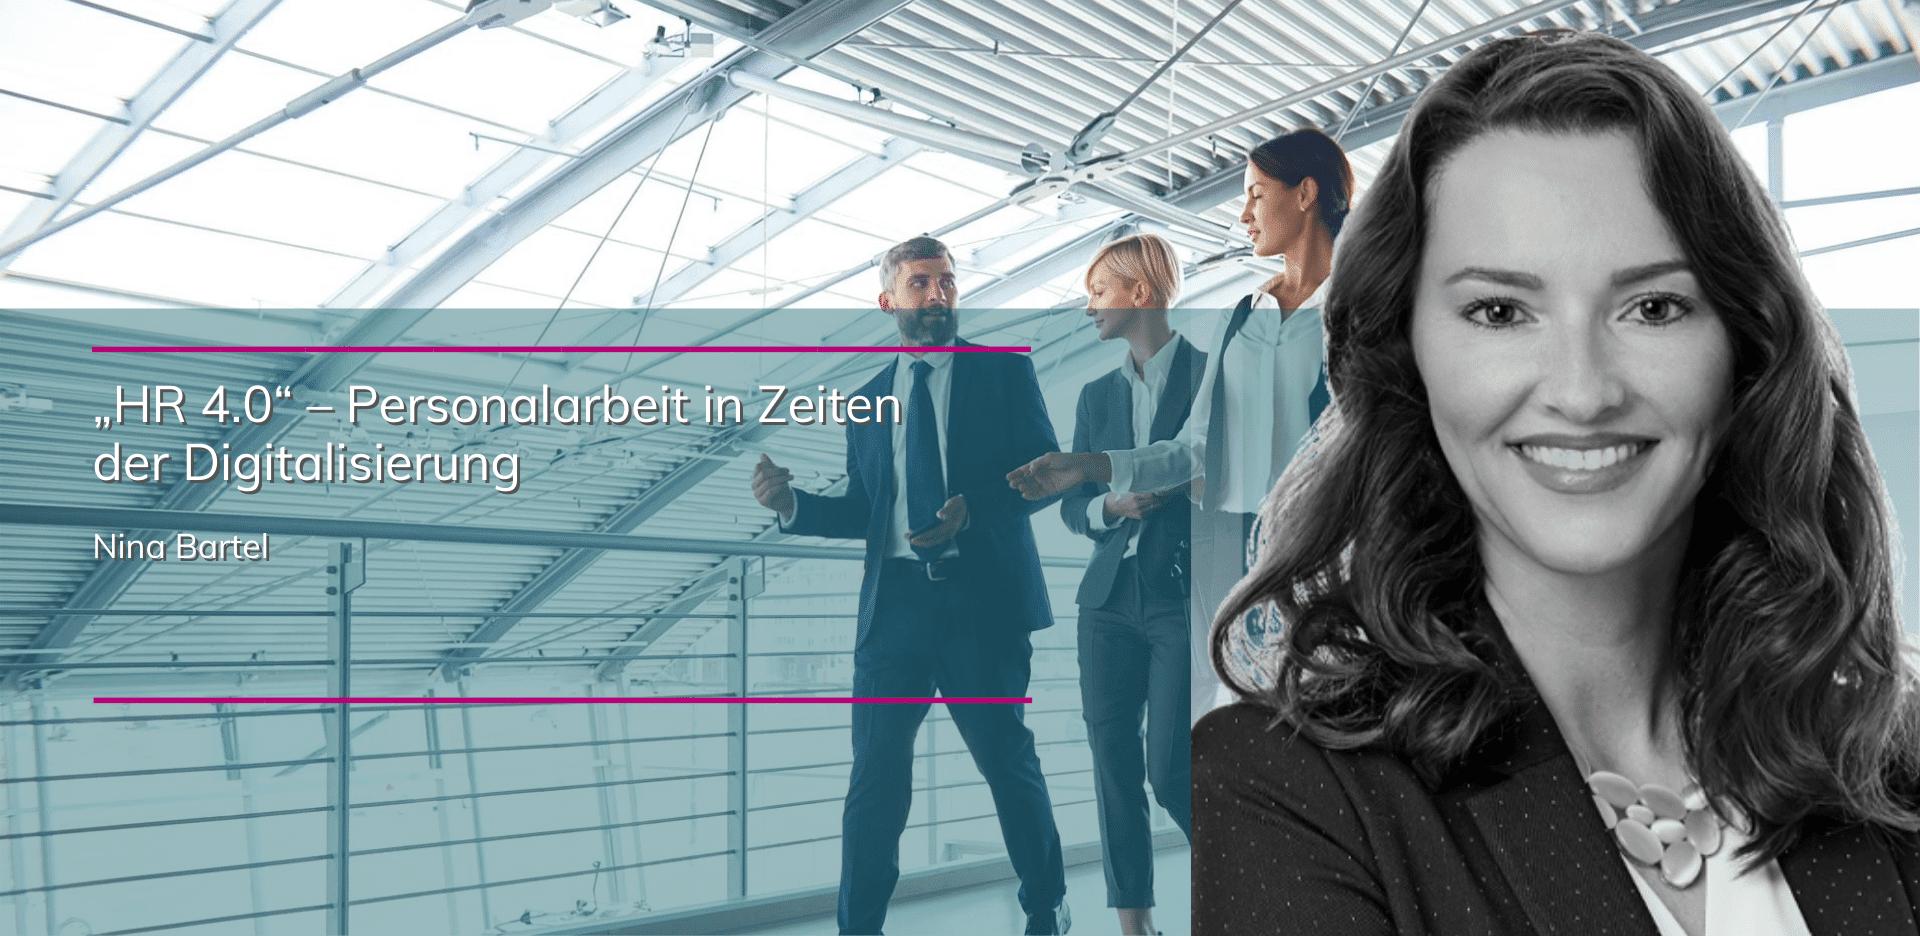 plenovia-blog-Bartel-Nina-HR 4.0 – Personalarbeit in Zeiten der Digitalisierung-unternehmensberatung-restrukturierung-sanierungskonzepte-düsseldorf-frankfurt-berlin